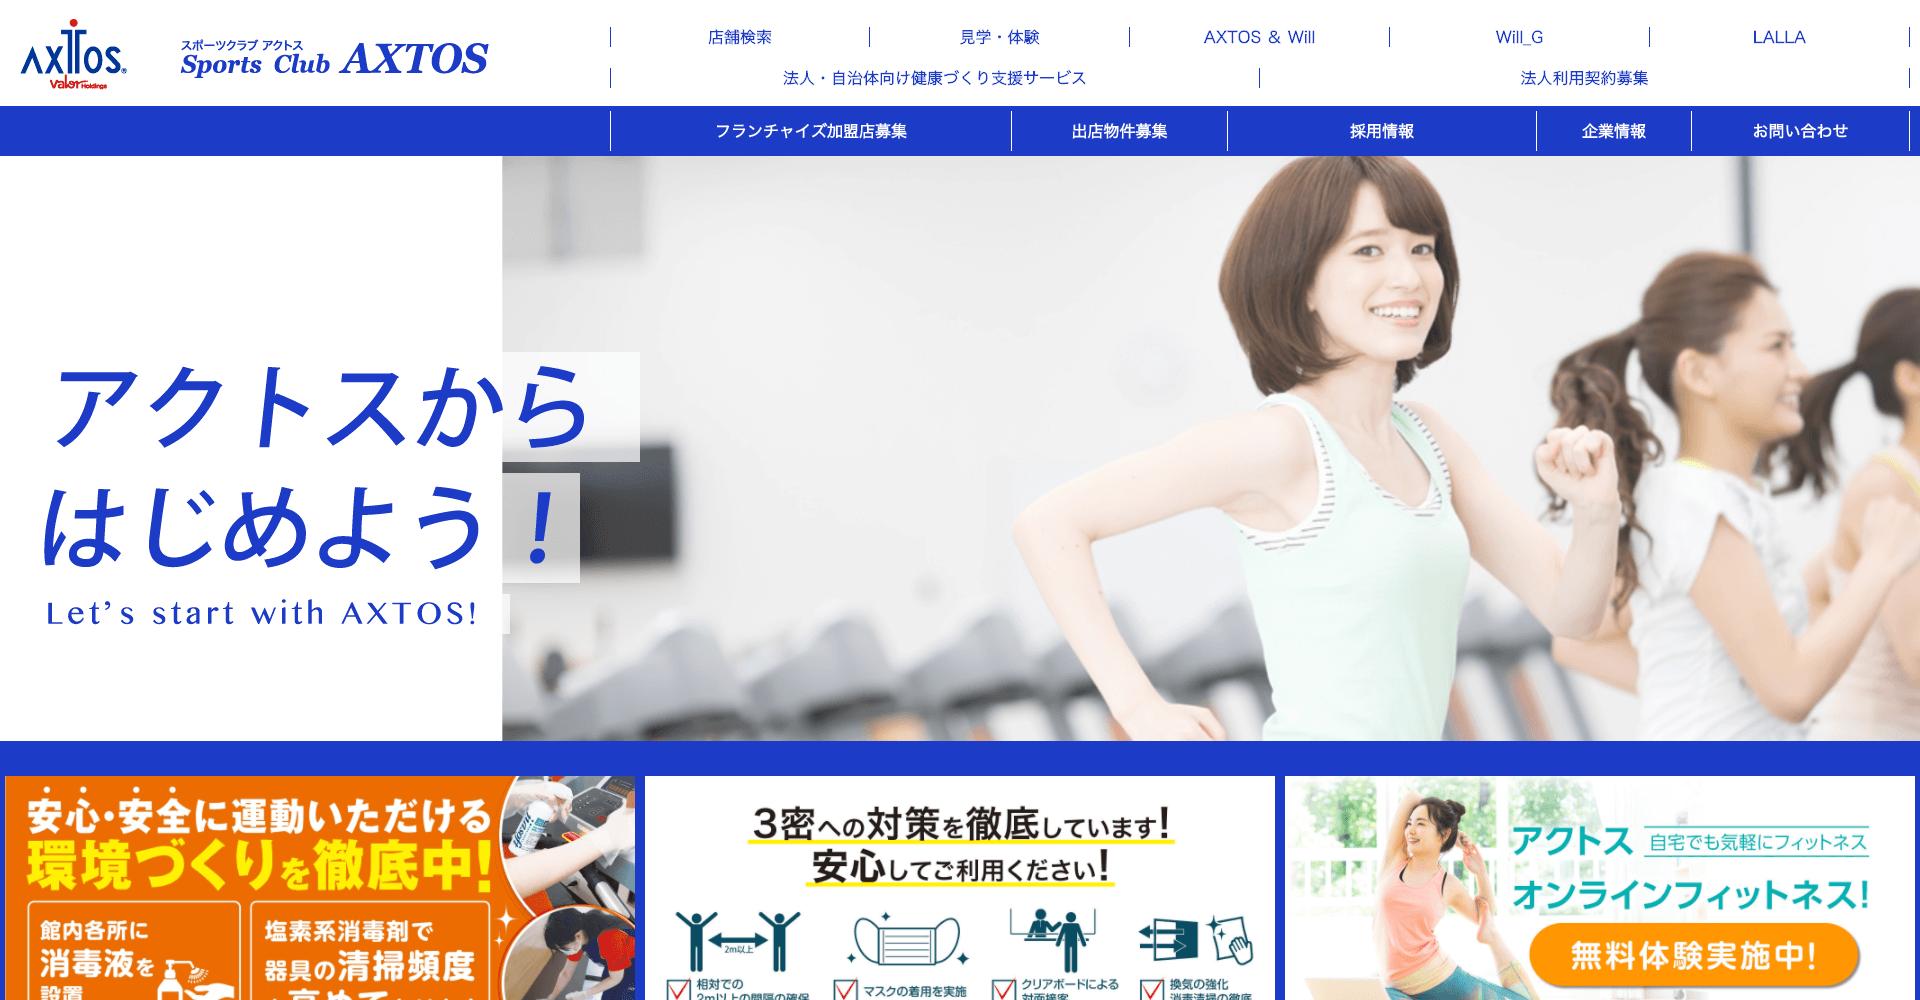 アクトスWill_G三洋堂高富